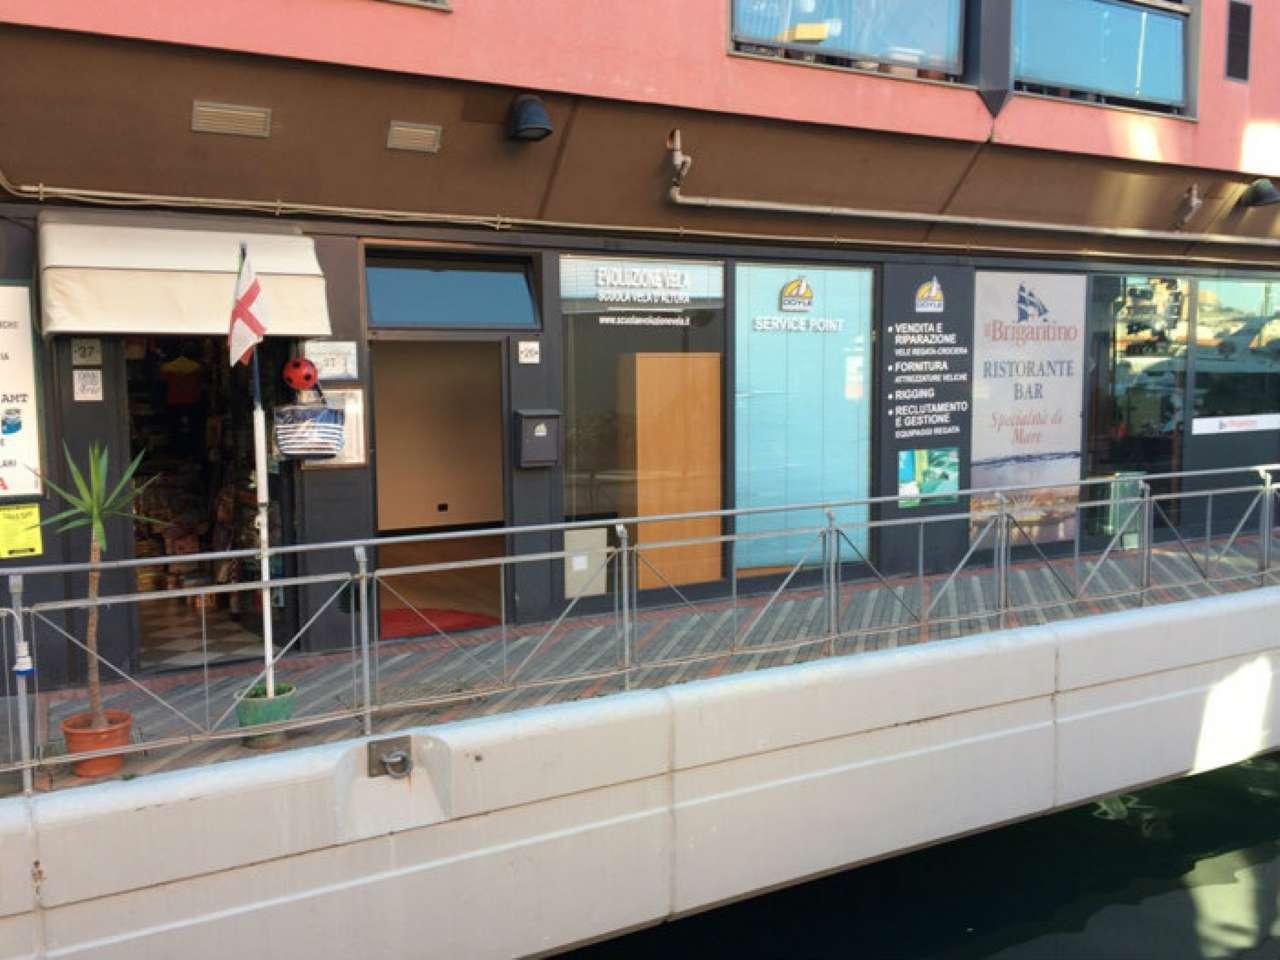 Negozio / Locale in affitto a Genova, 1 locali, prezzo € 600 | CambioCasa.it